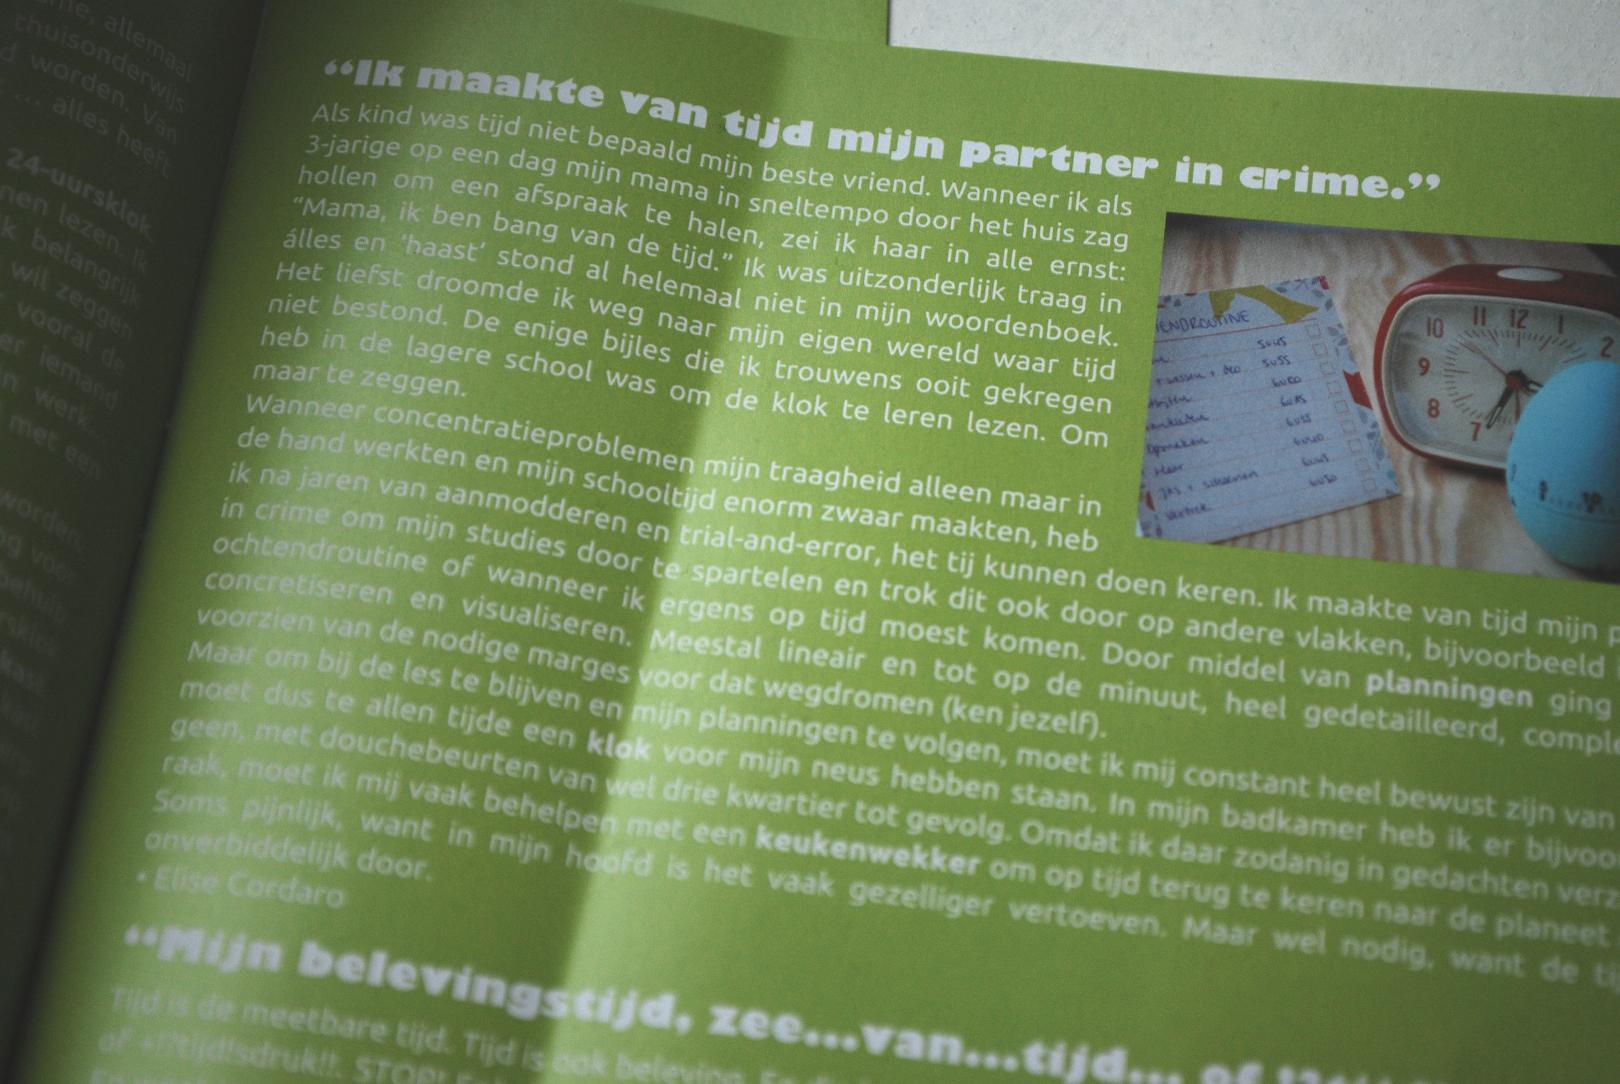 Tijd - VVA-magazine